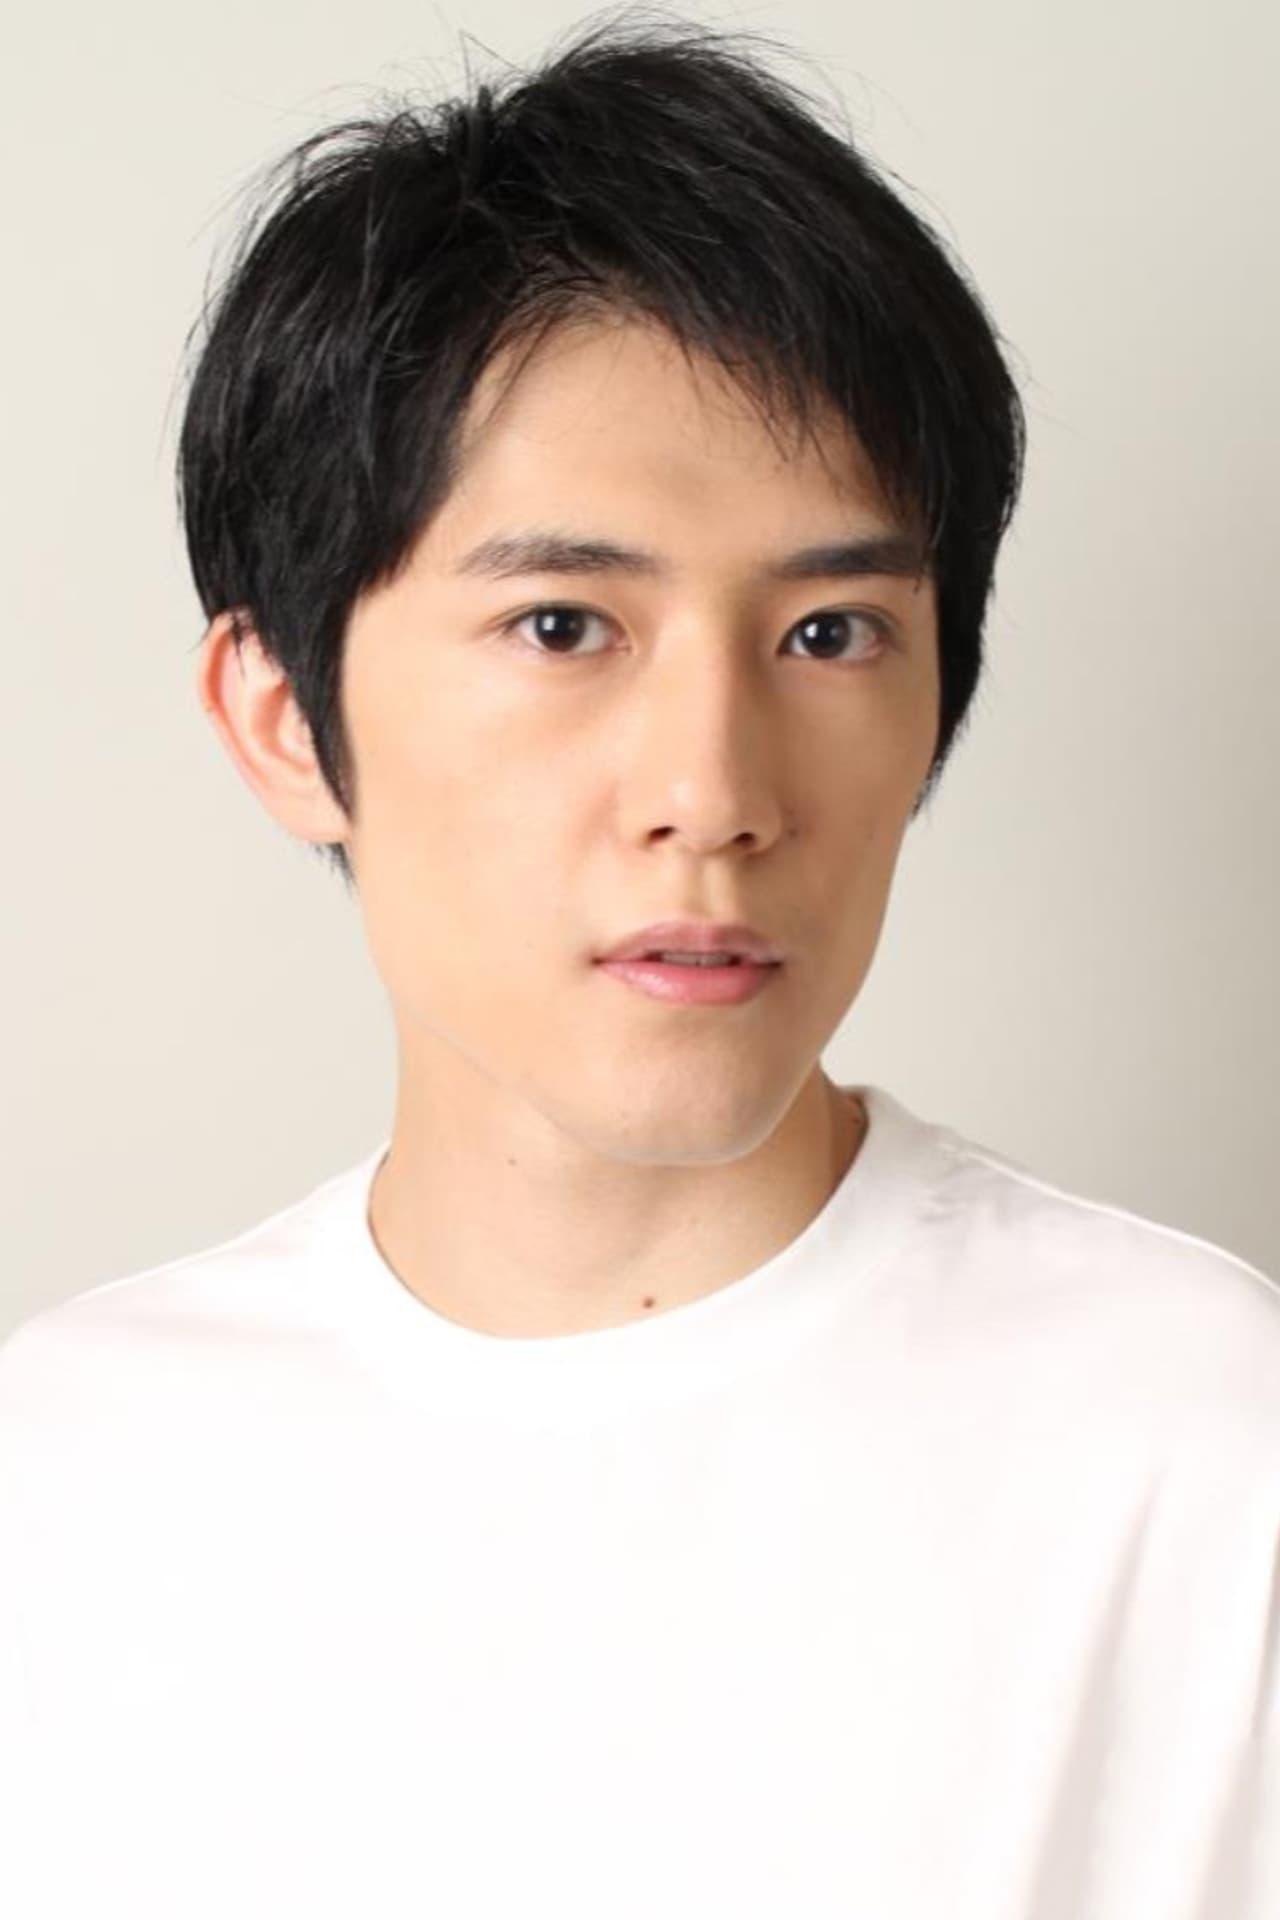 Kazuaki Nagaya isKo